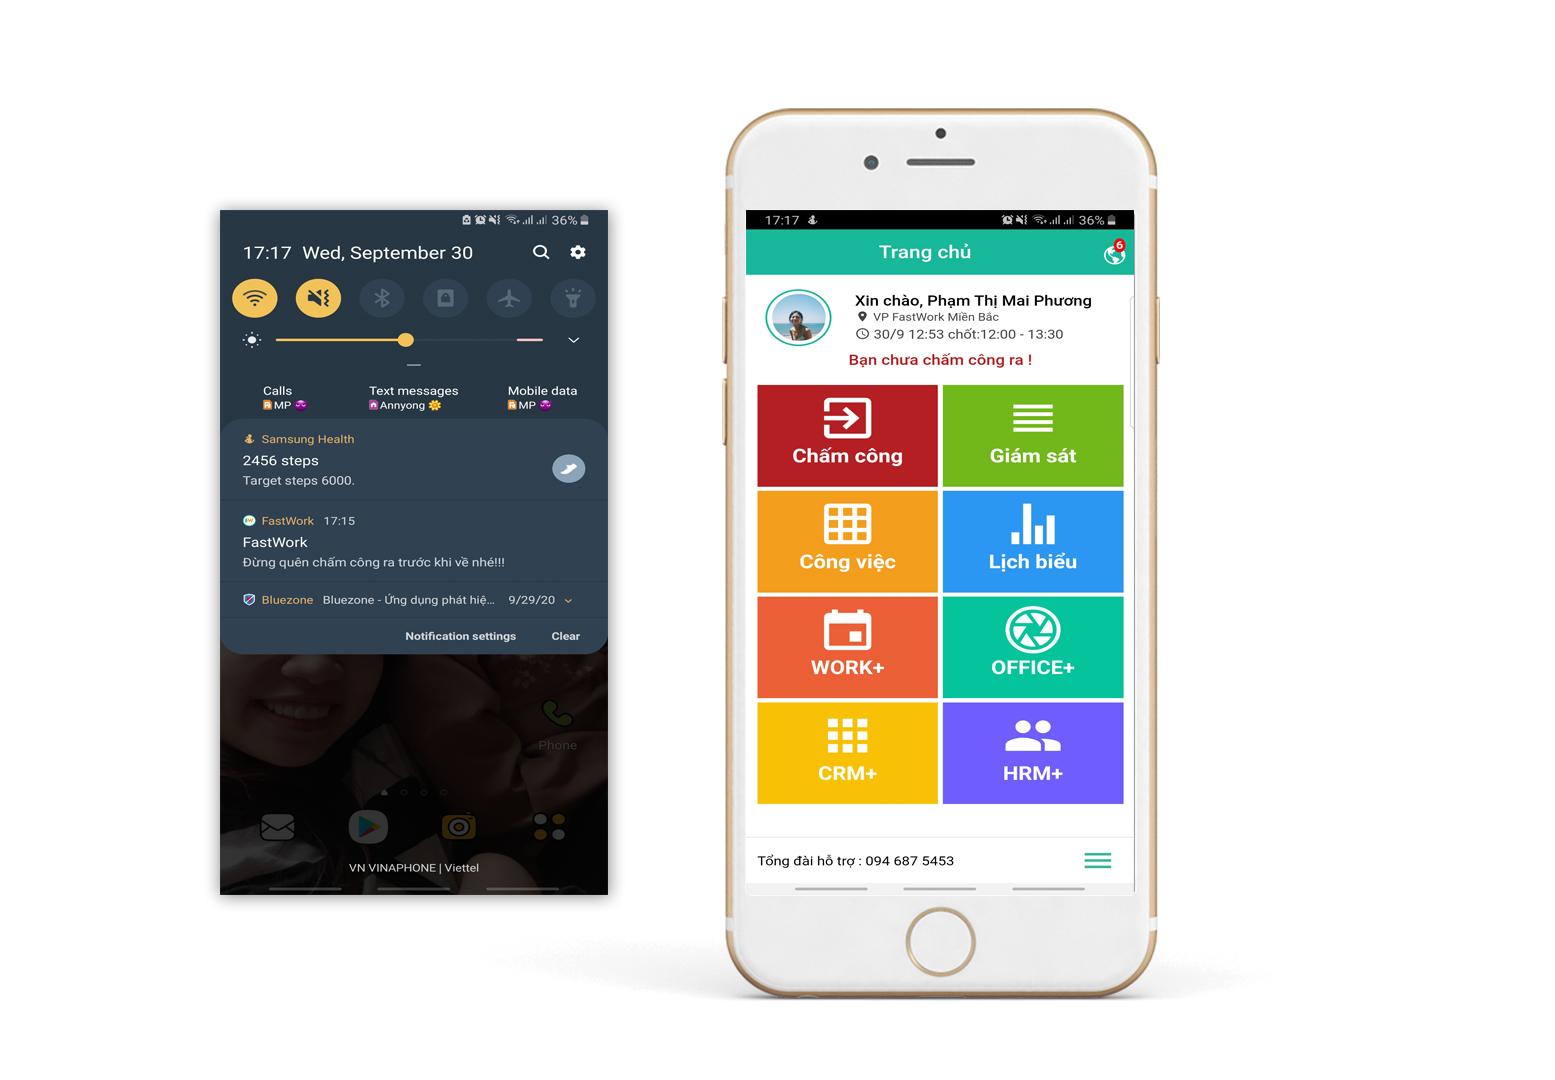 """Bước 1: Mở app FastWork trên smartphone, phần mềm sẽ hiển thị giao diện Dashboard, tại đây chọn """"Chấm công"""""""